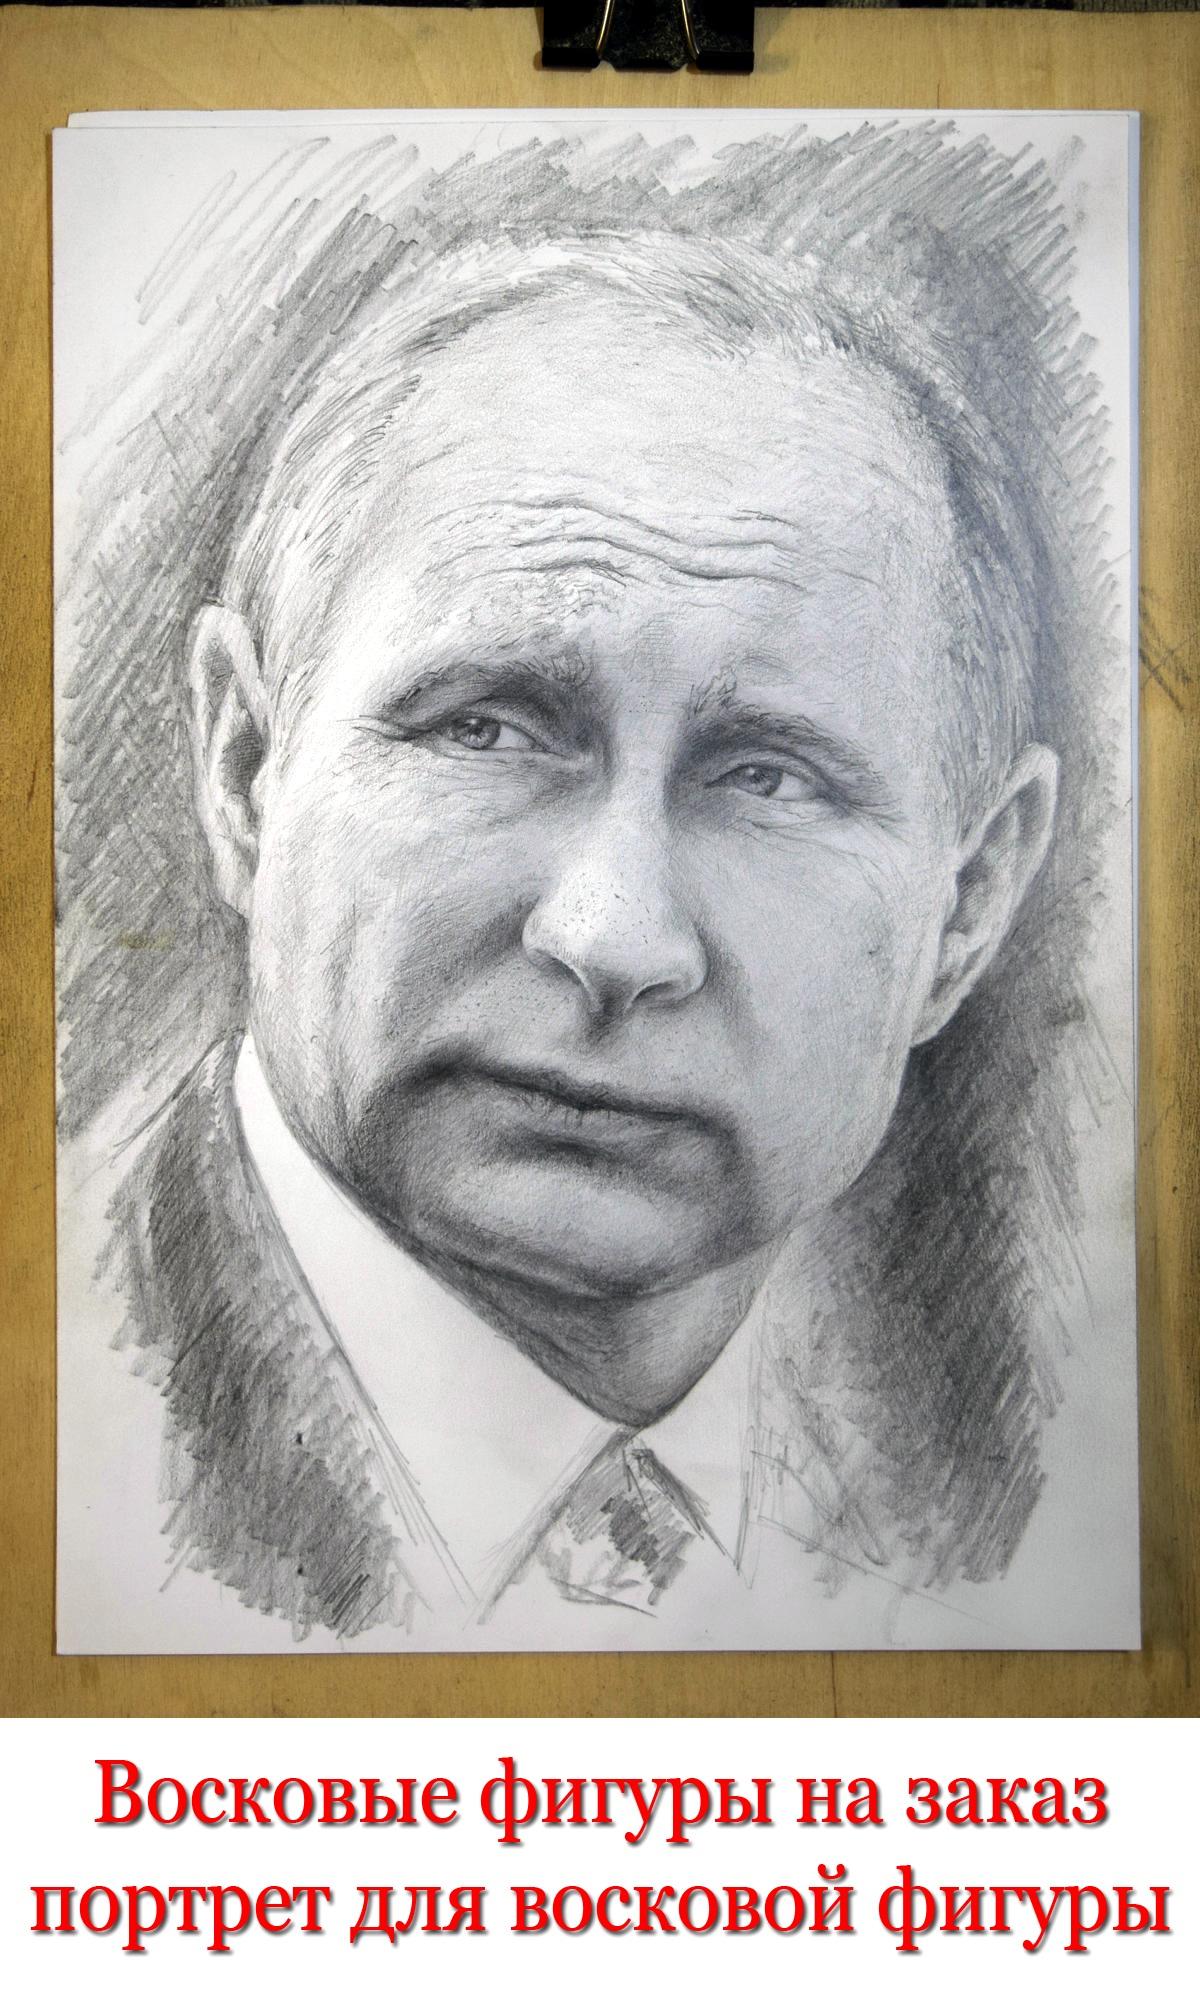 заказ восковых фигур, портрет